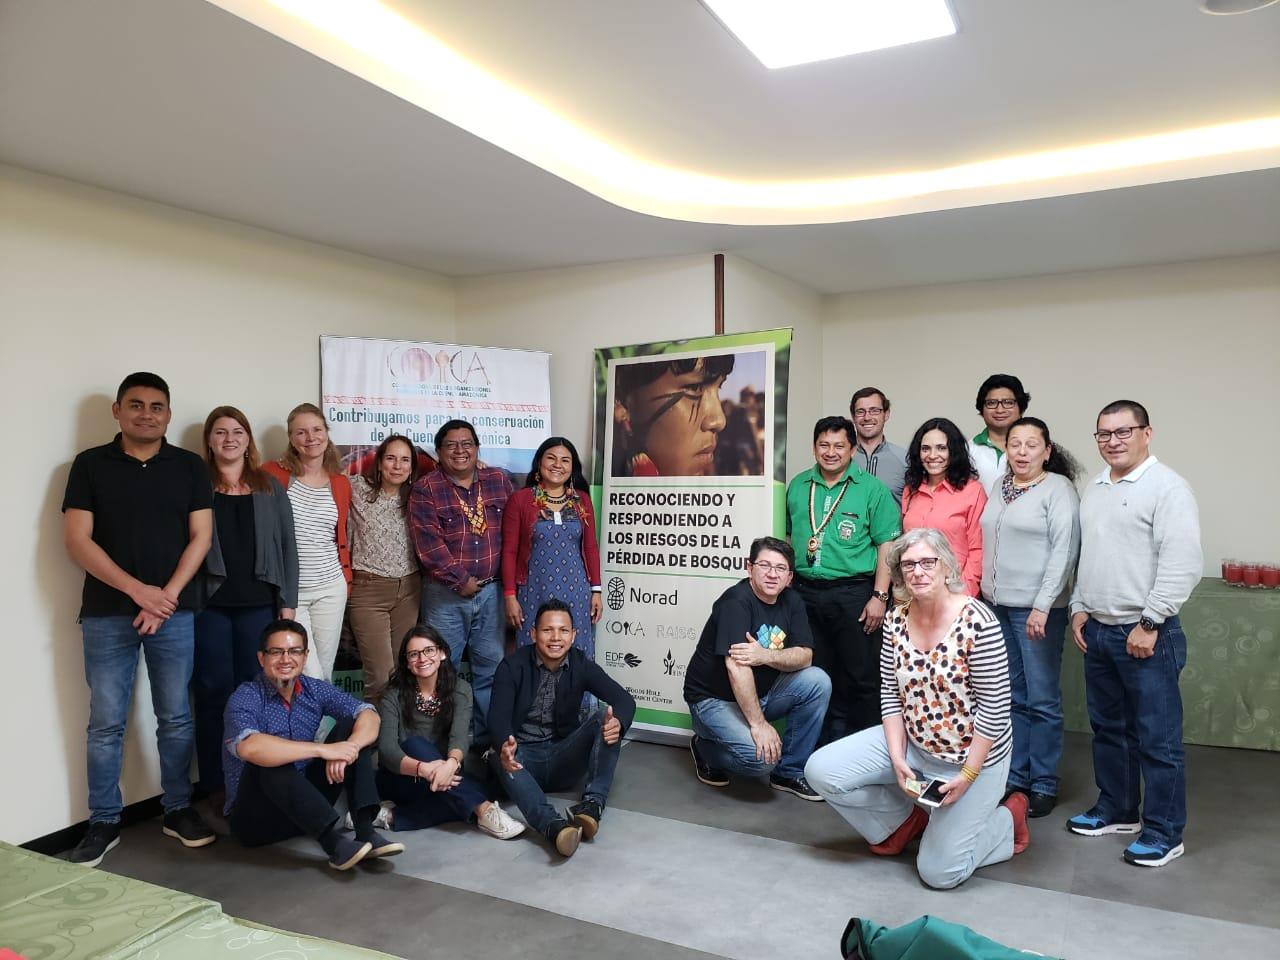 EcoCiencia organiza conferencia anual en Quito